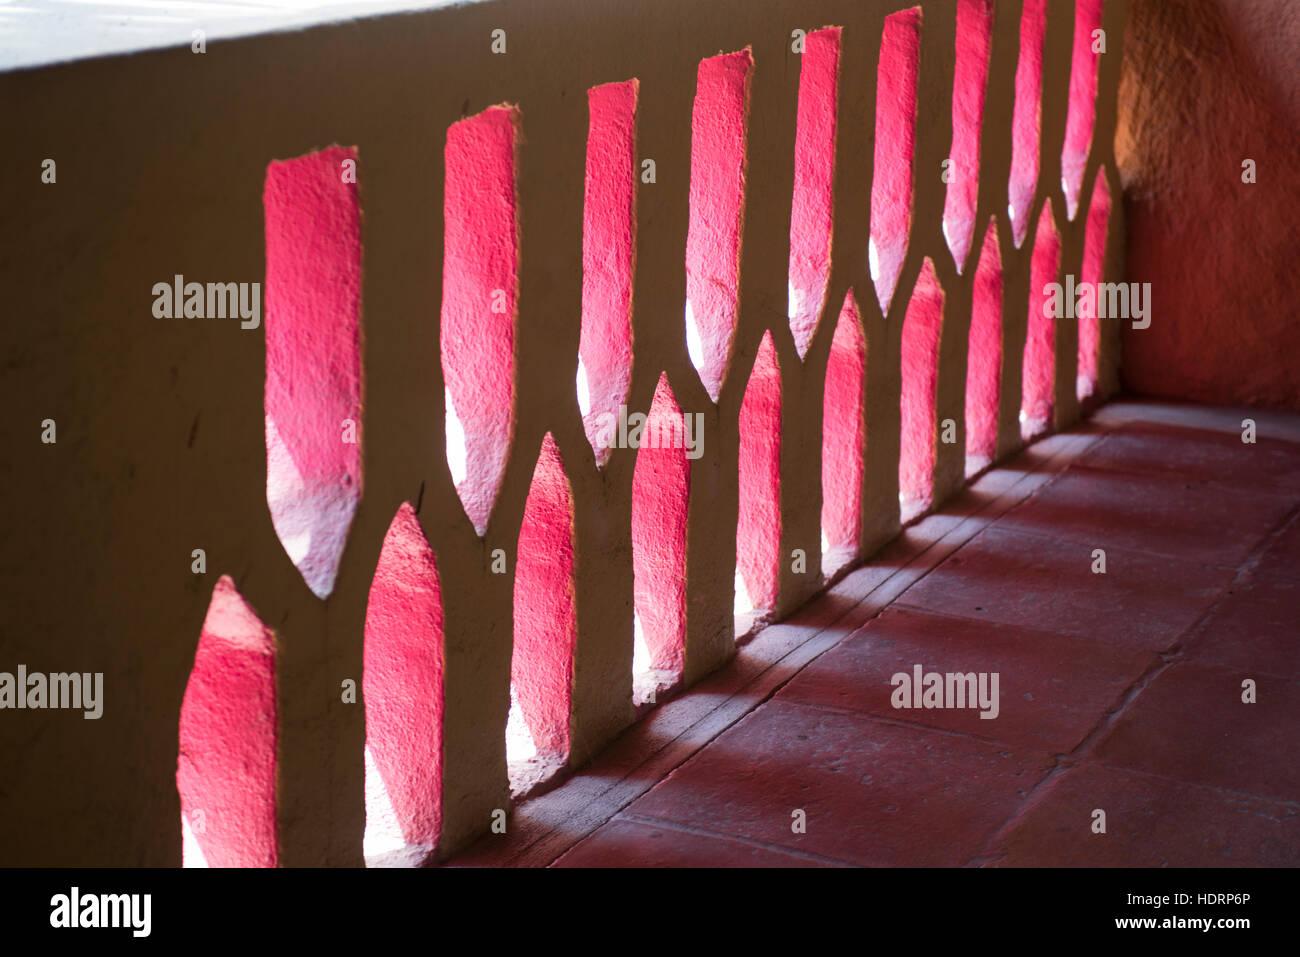 Licht und Schatten durch eine mexikanische rosa bemaltem Stuck Wand; Ixtapa/Zihuatanejo, Mexiko Stockbild